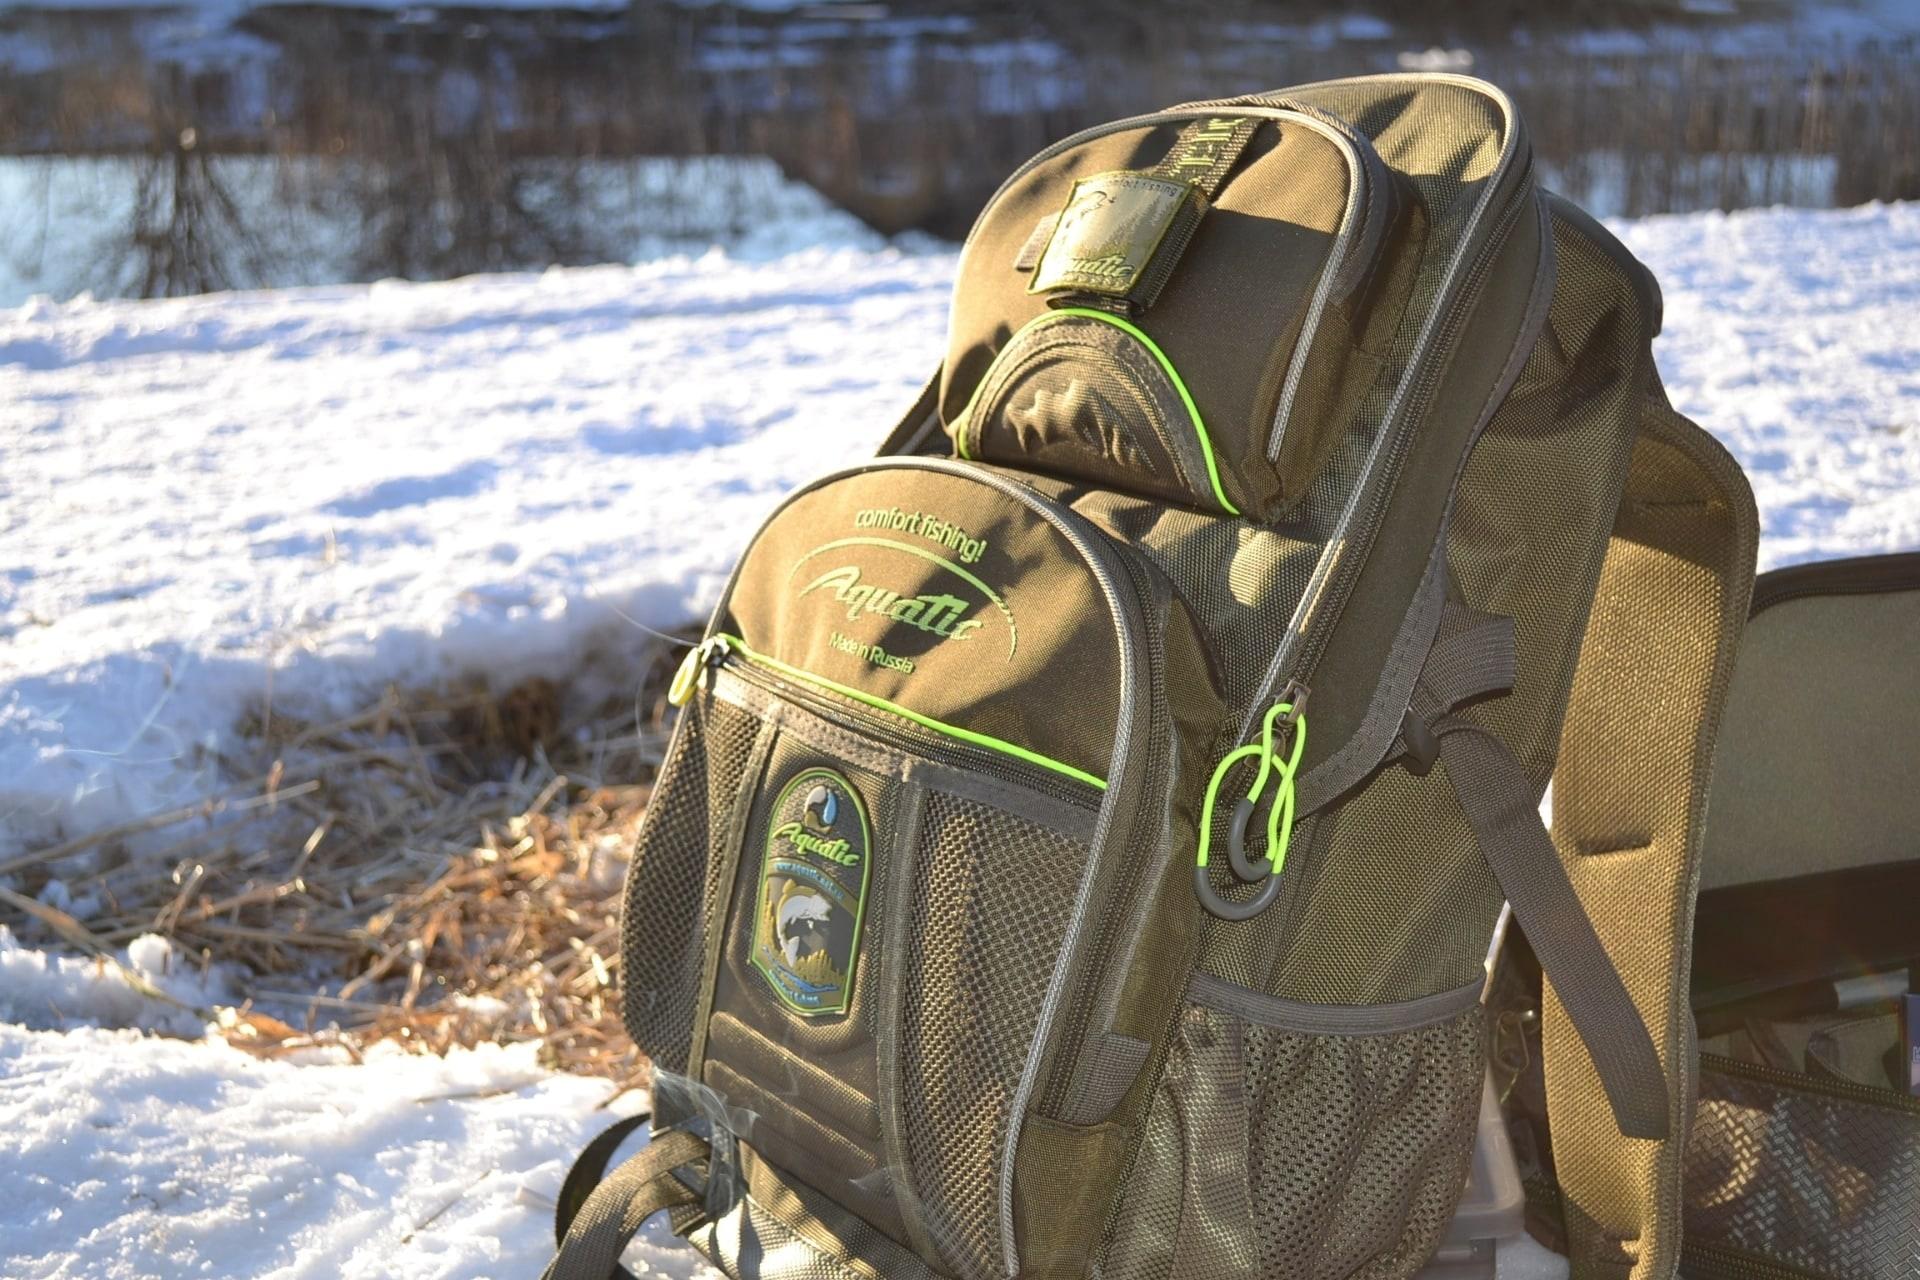 Рюкзак Р-40Х рыболовный (цвет: хаки)